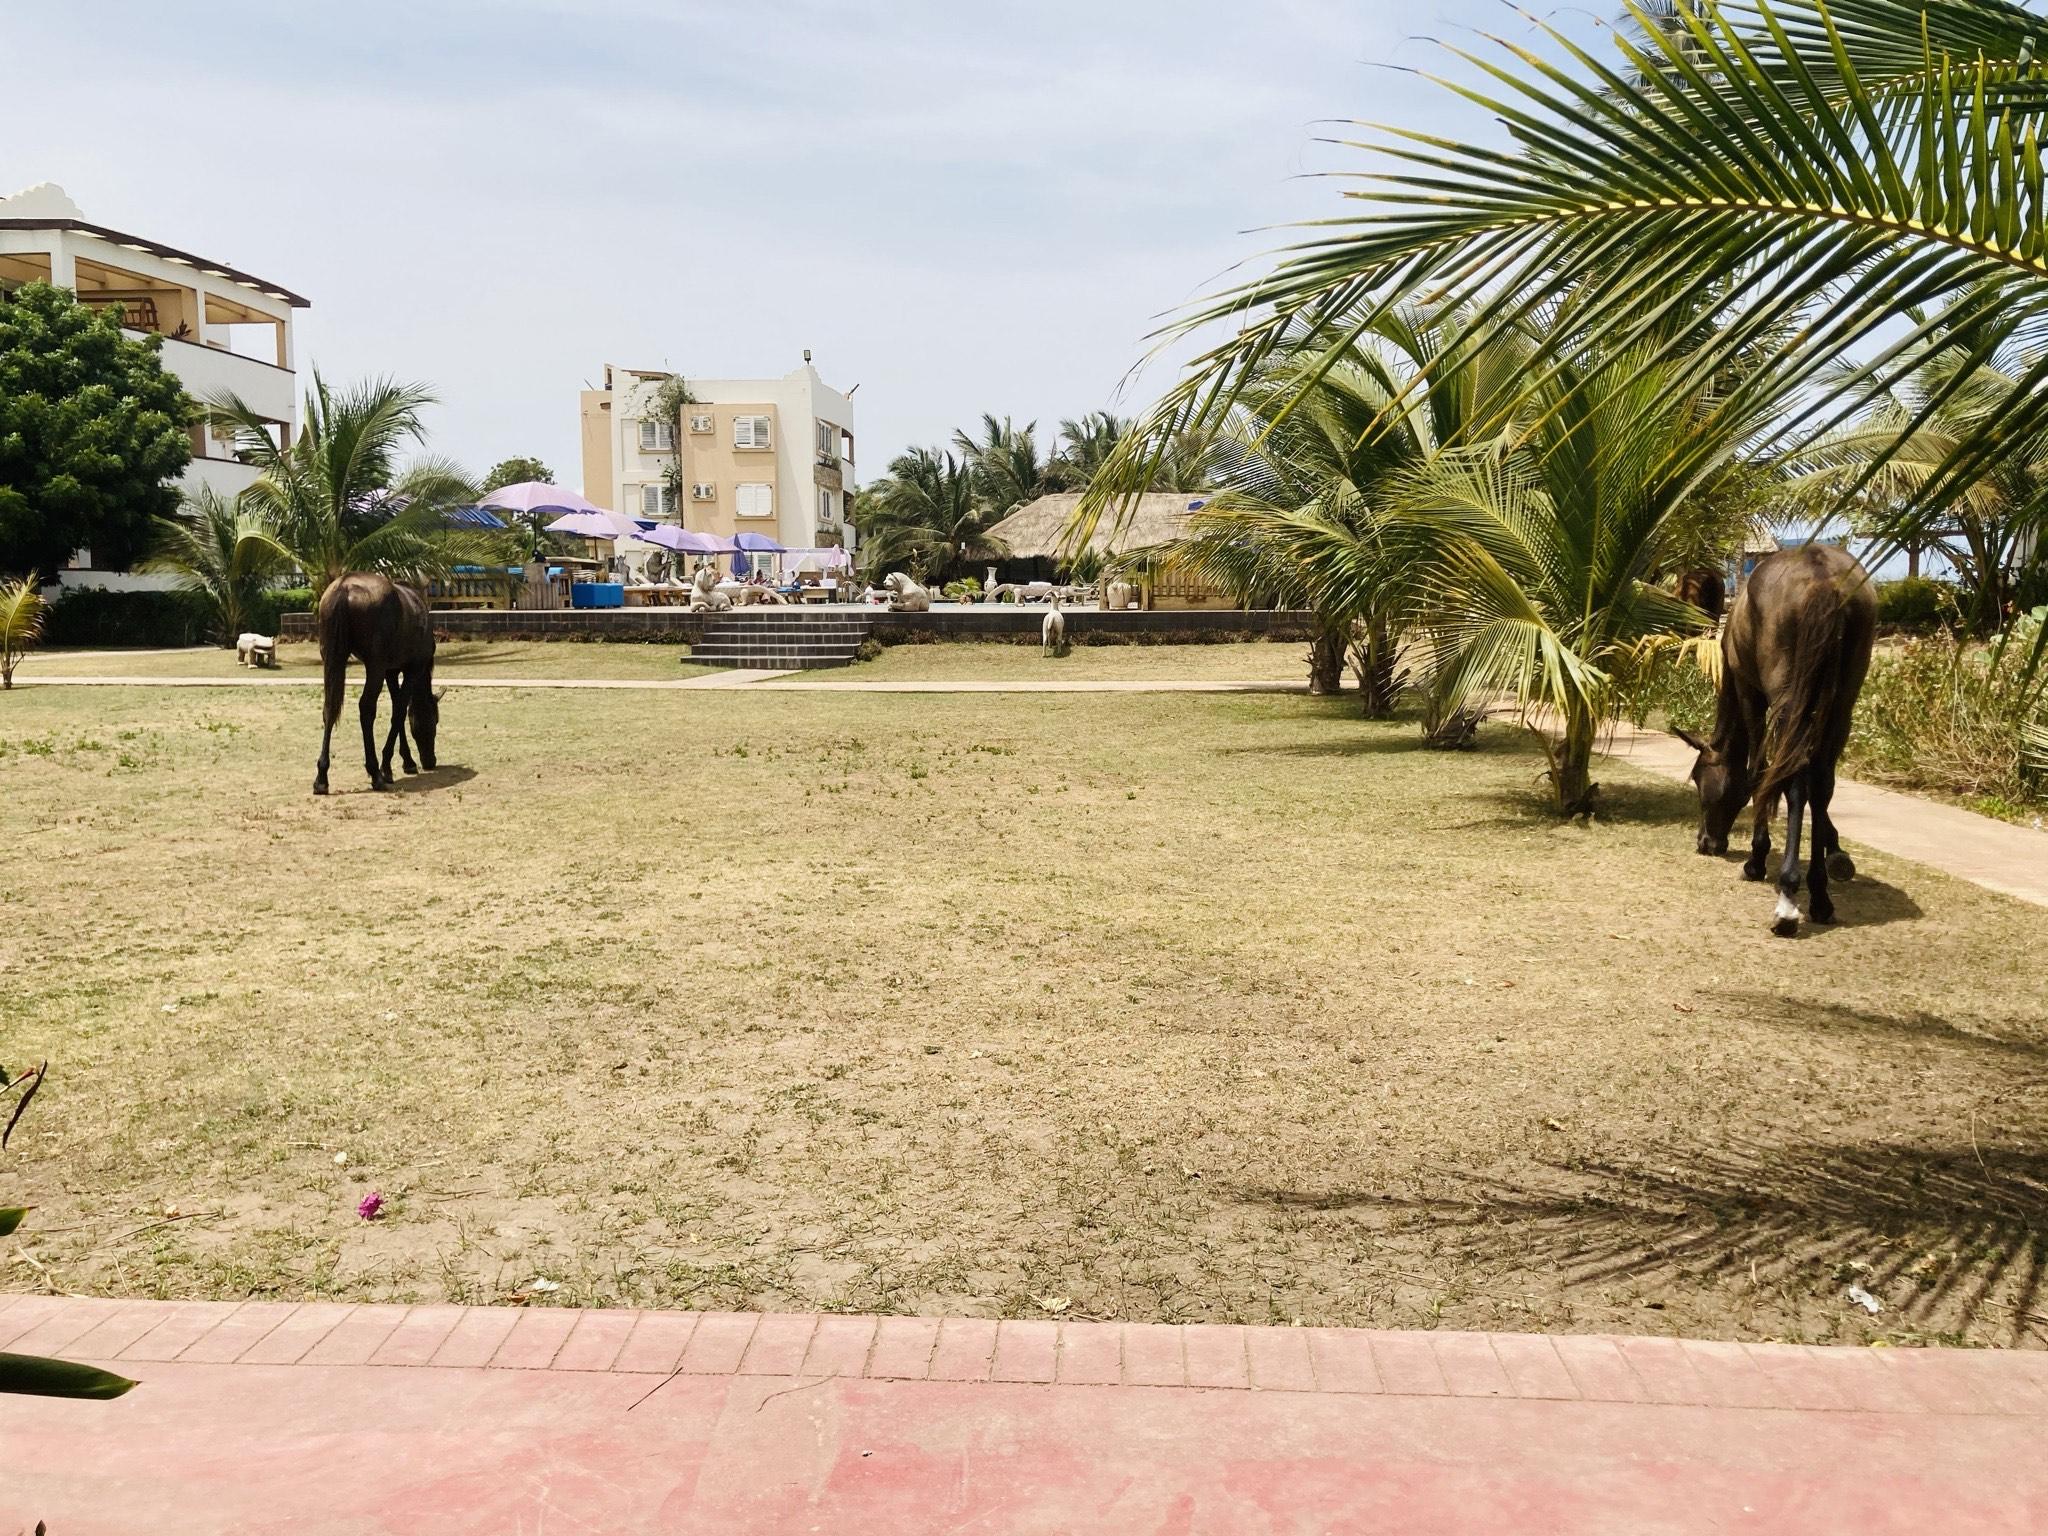 The C Residence & Resort